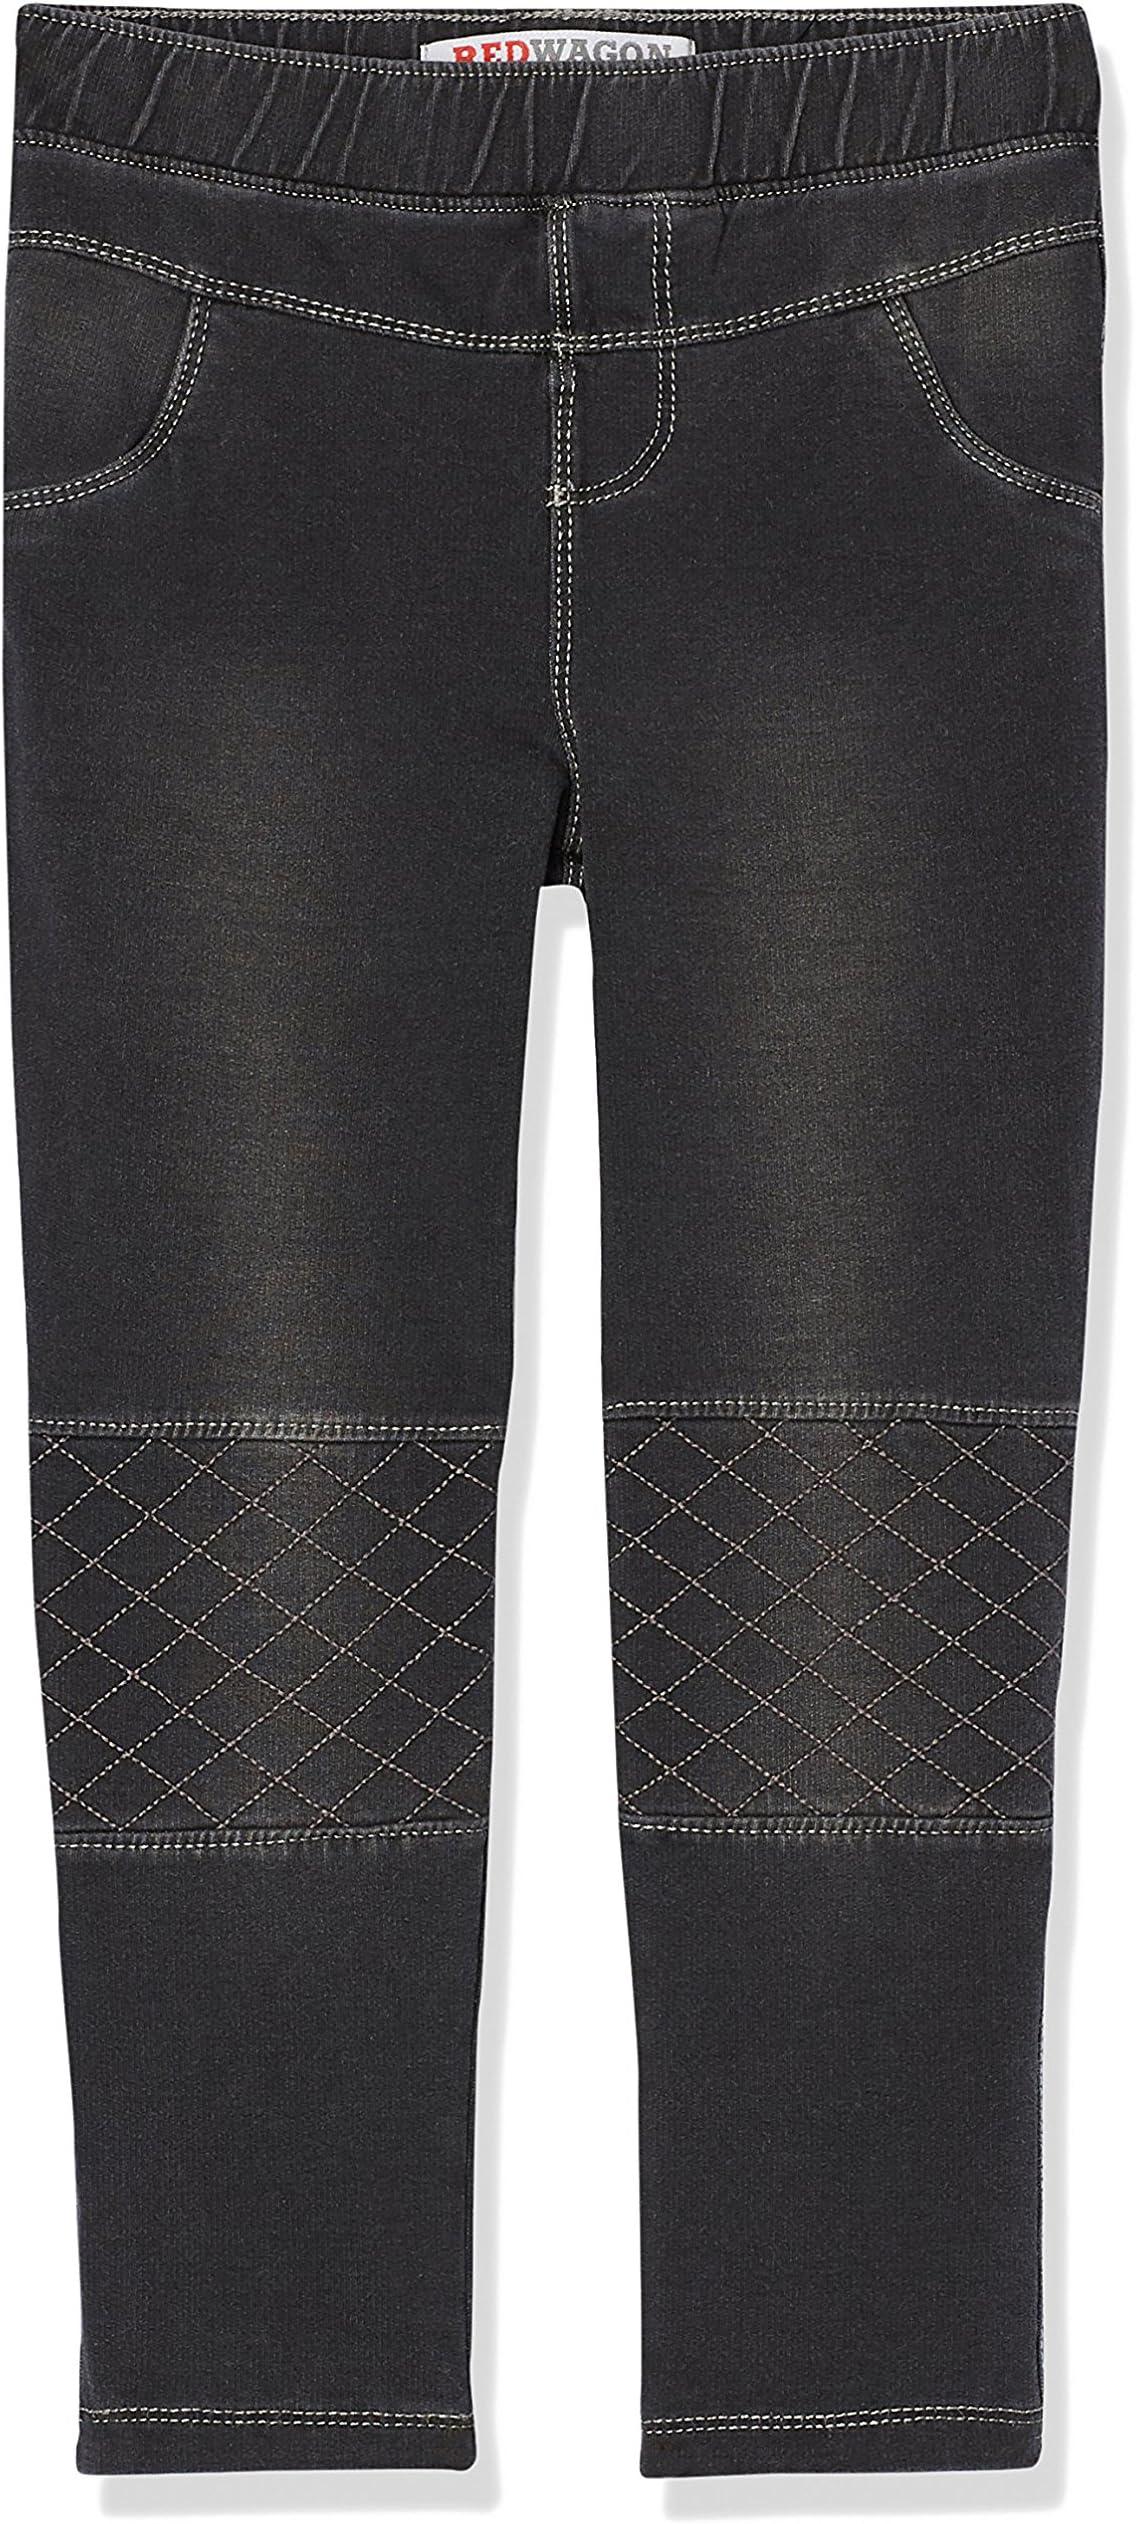 Moncler Pantalones De Chᄄᄁndal amazon